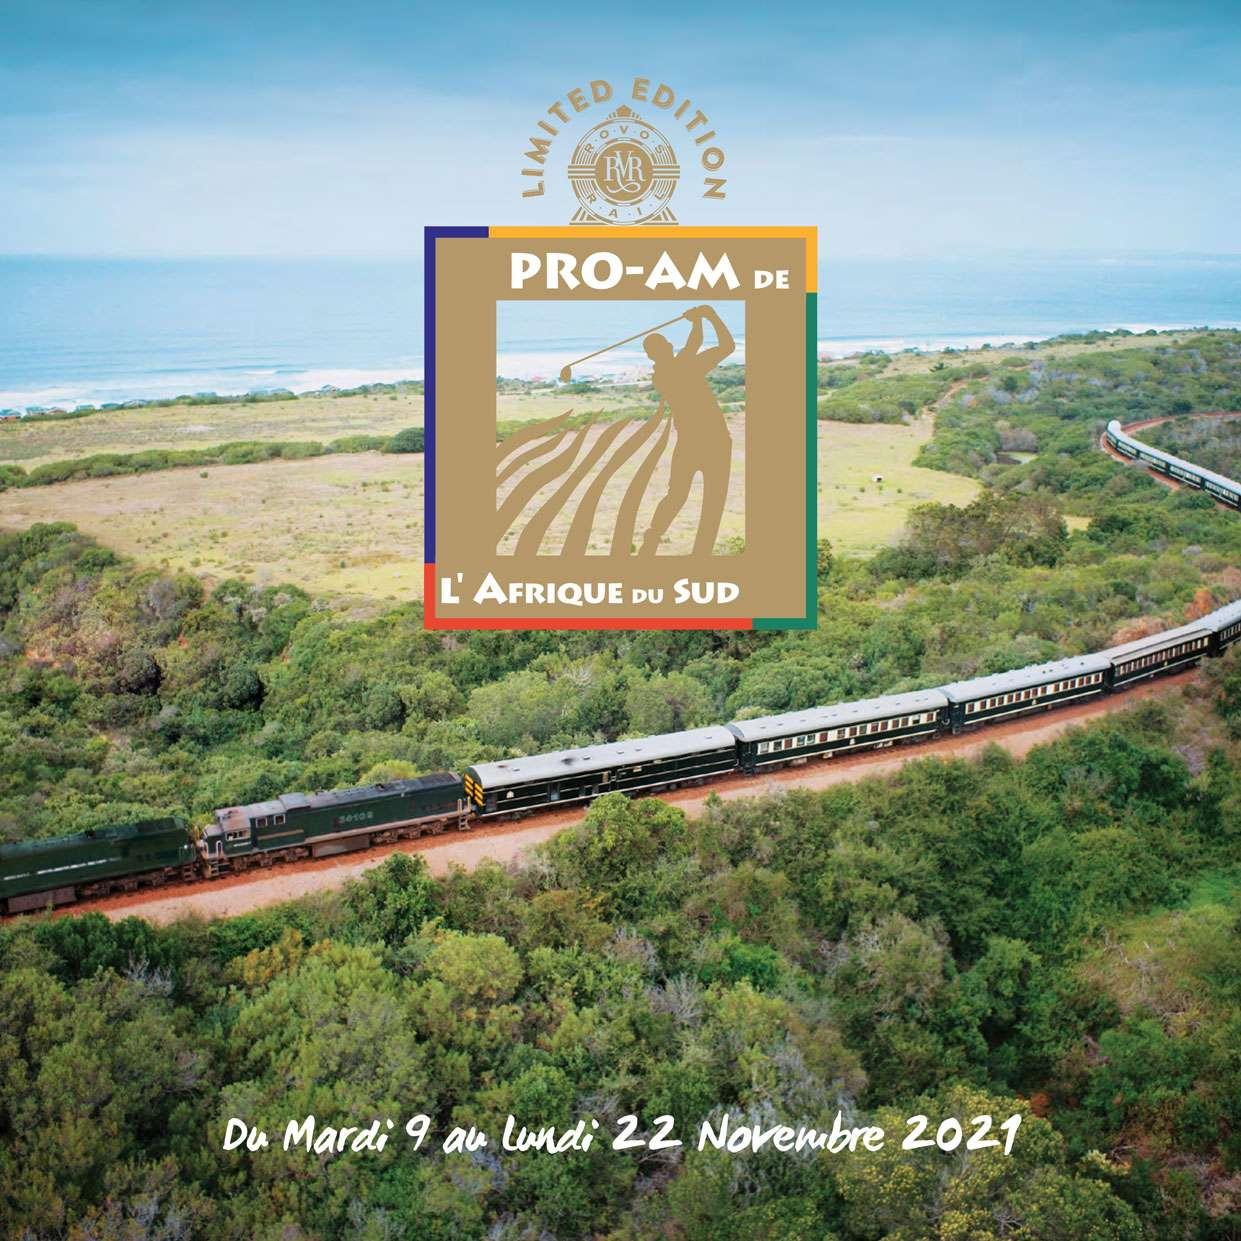 Pro-Am de l'Afrique du Sud - Limited Edition